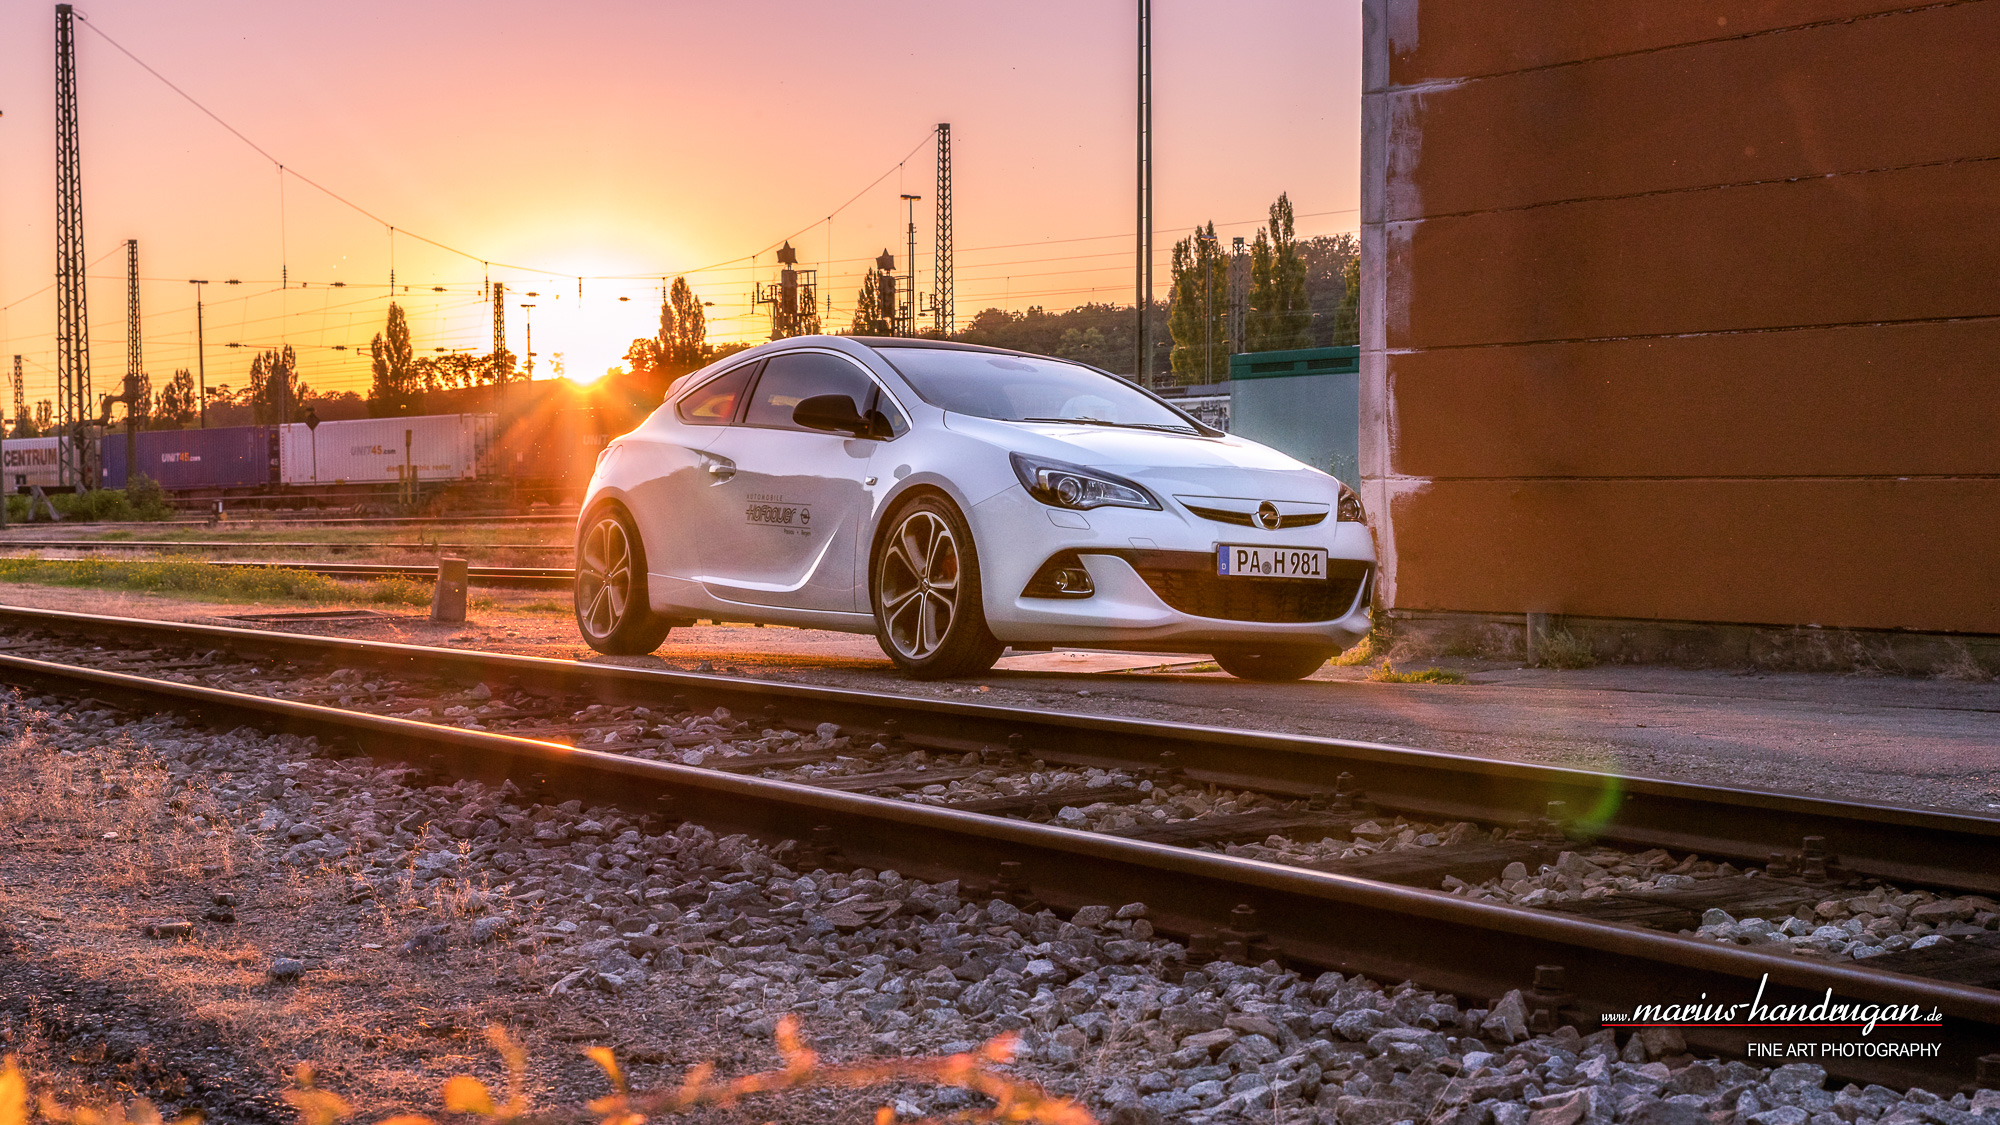 Professionelle Werbefotos für Autohäuser